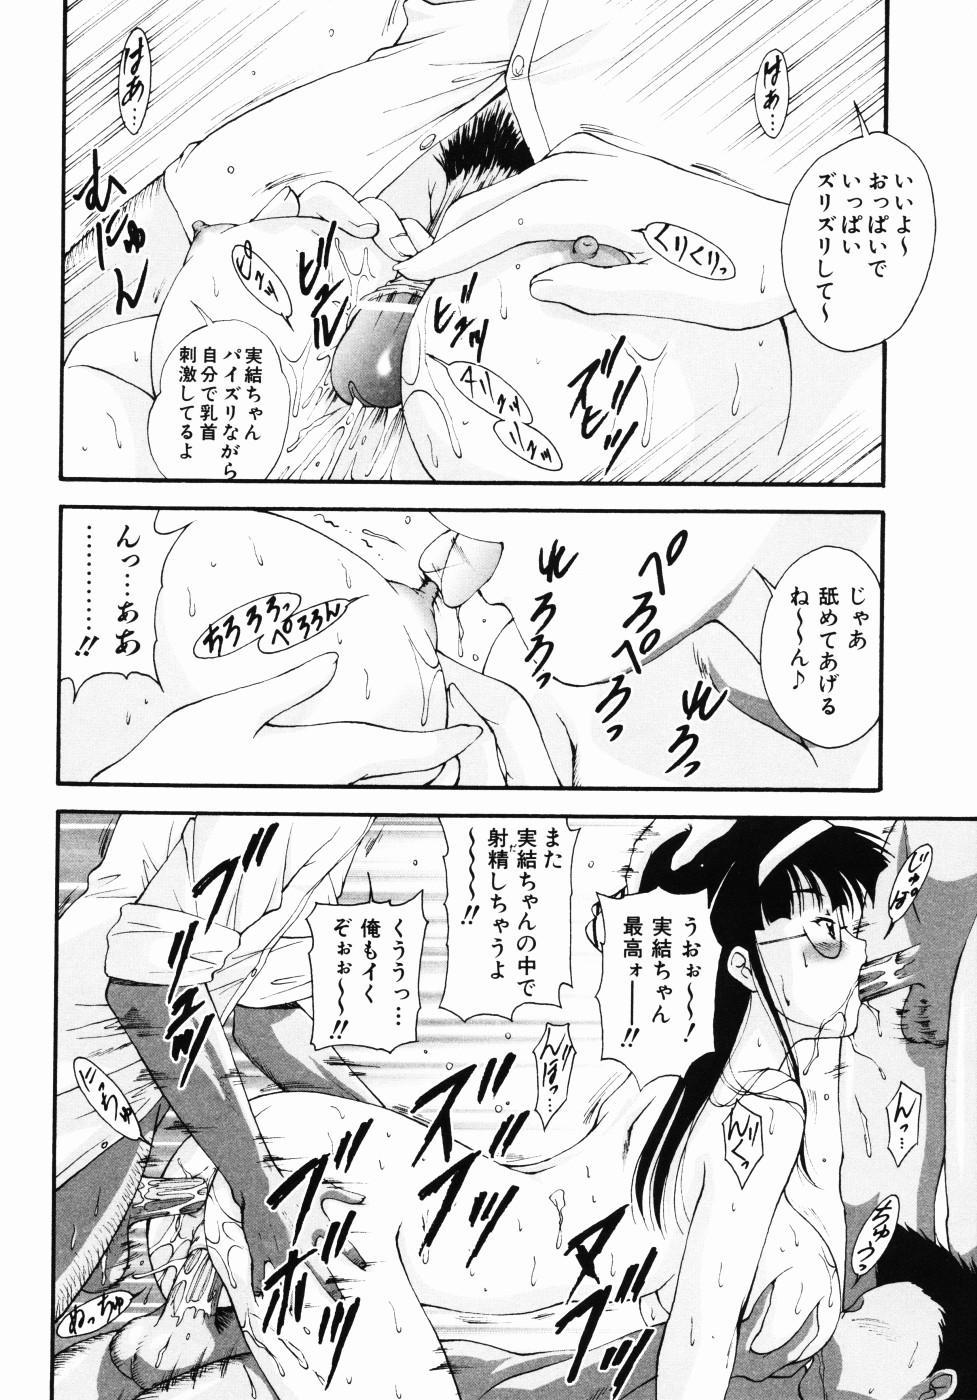 Daikyou Megami 48